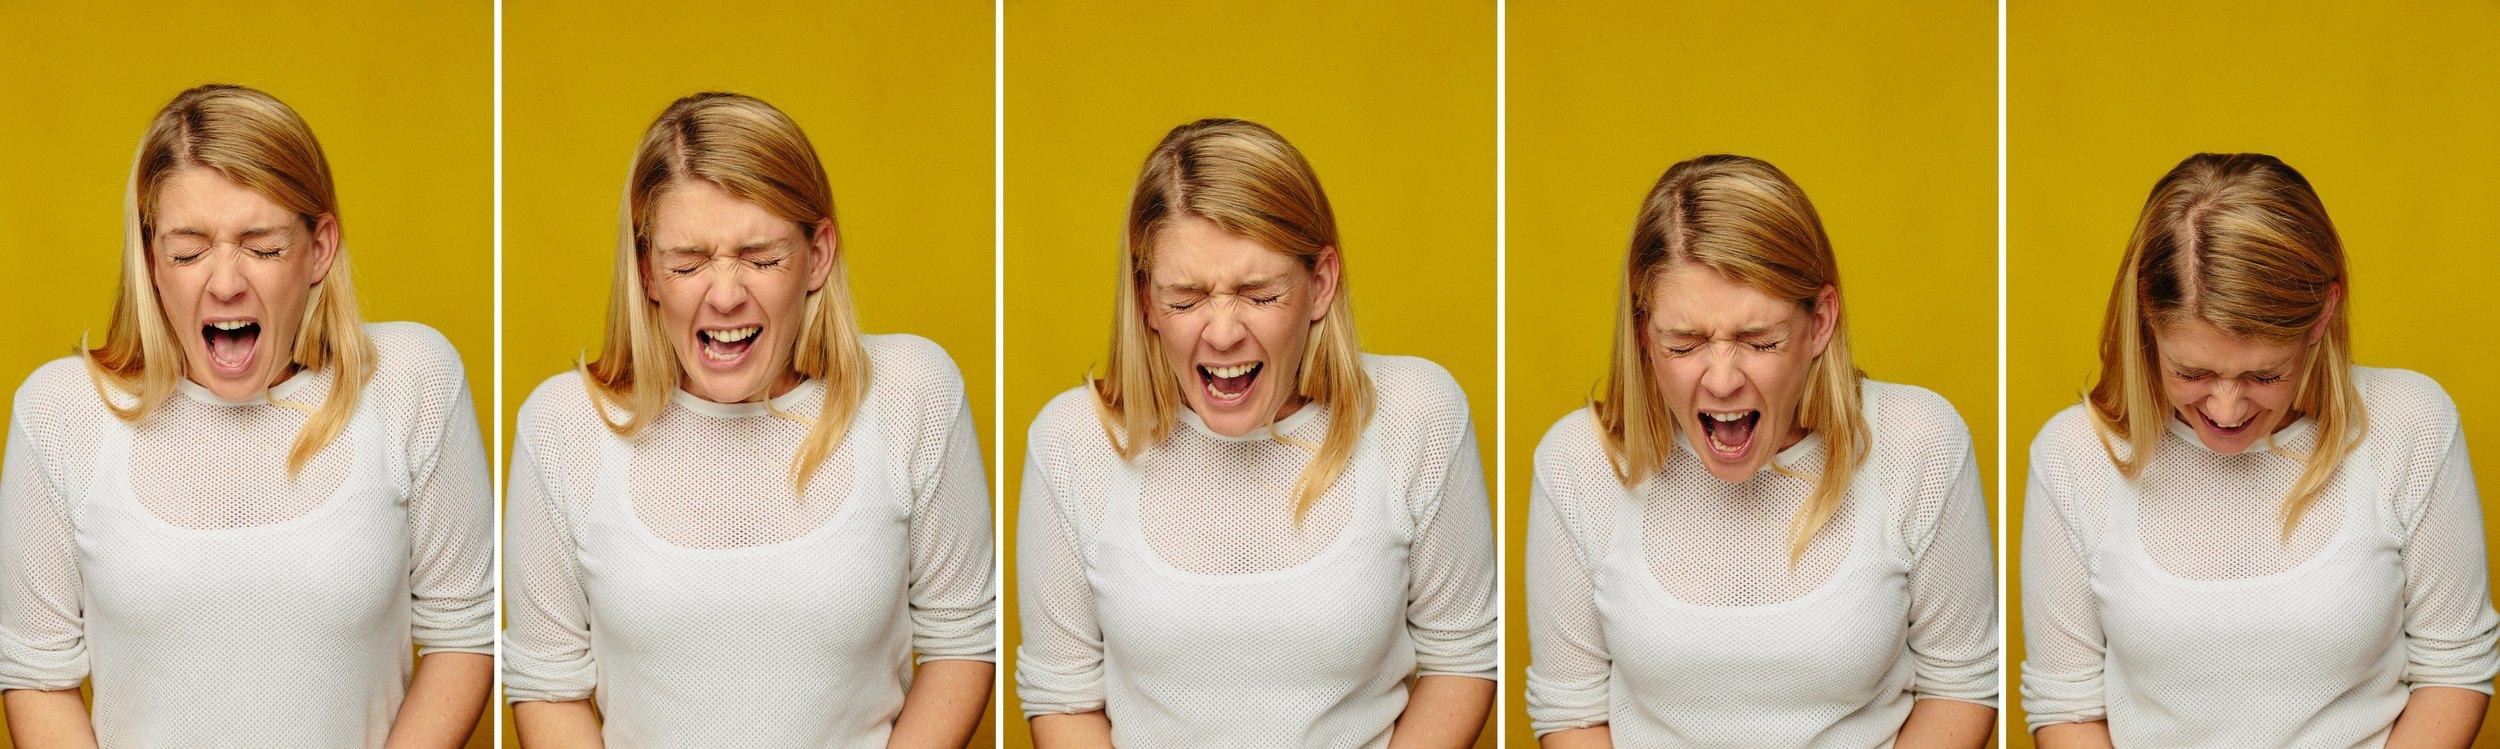 portfolio2 - Jani Ugrin - Na zdravje - 001.jpg